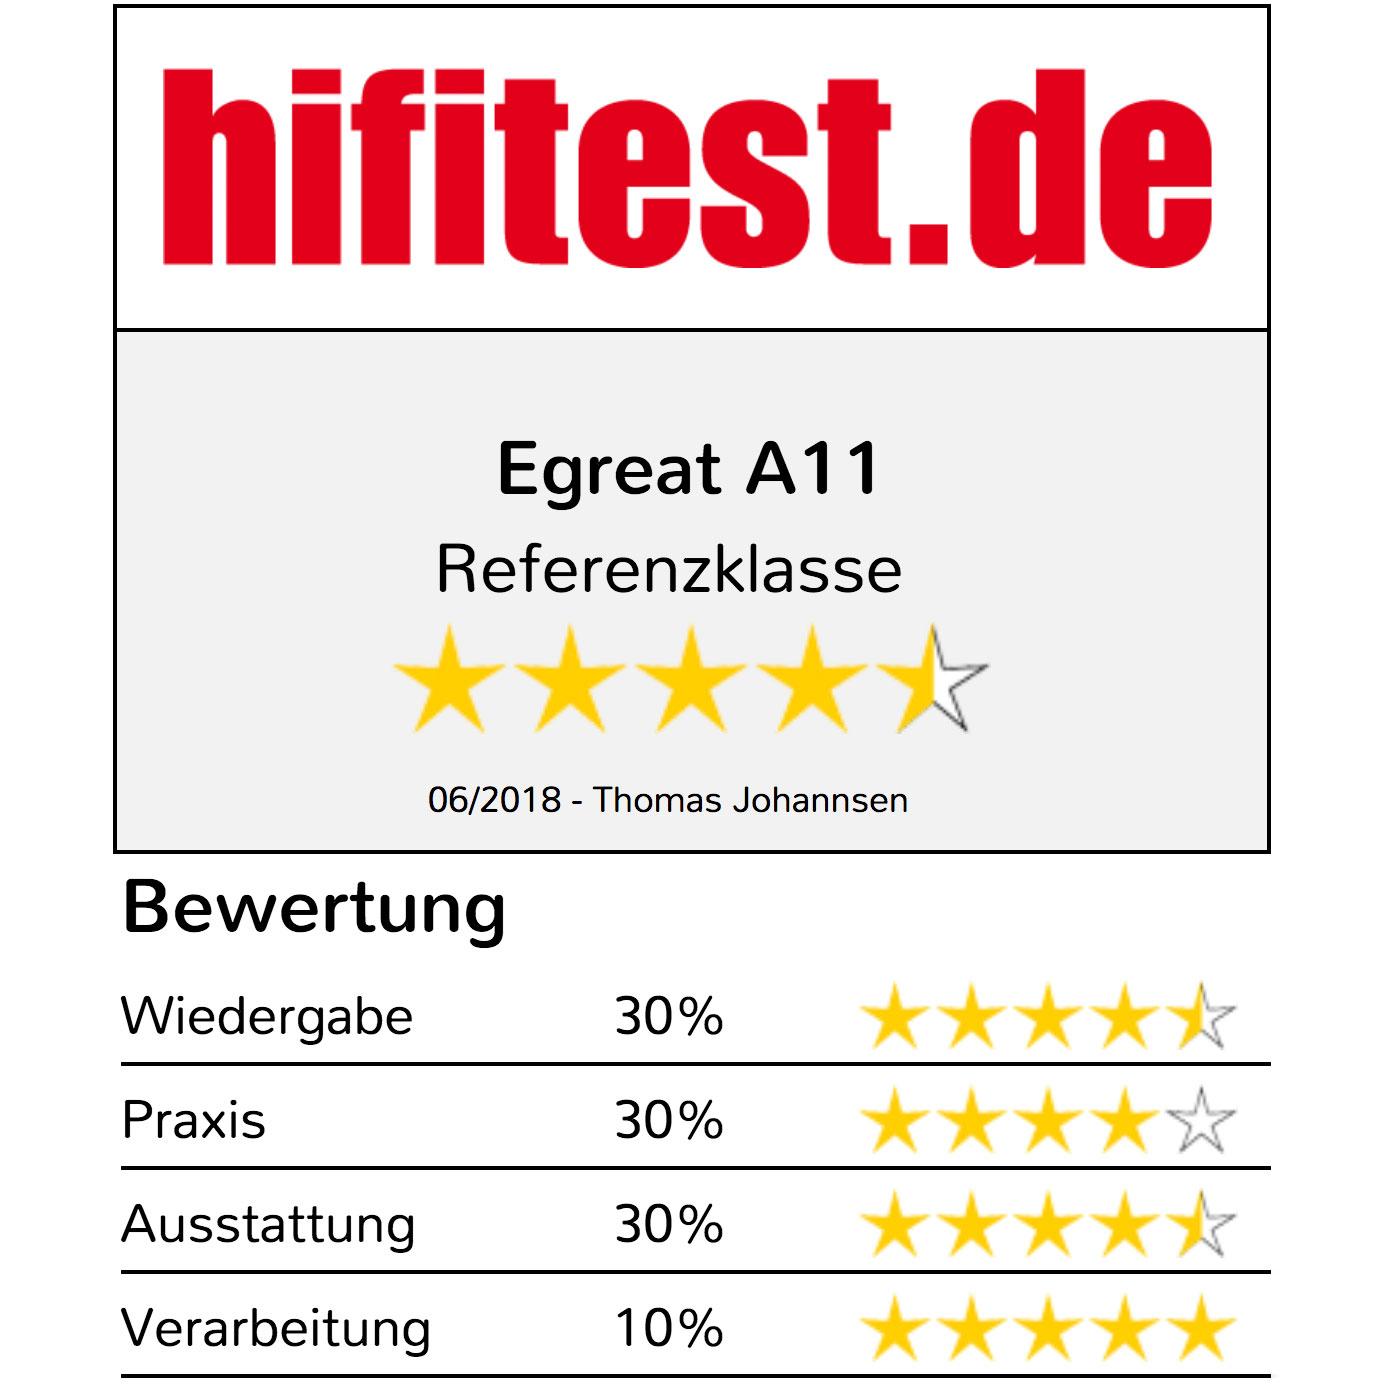 Egreat-A11-HifiObIp2hfTU2VPh